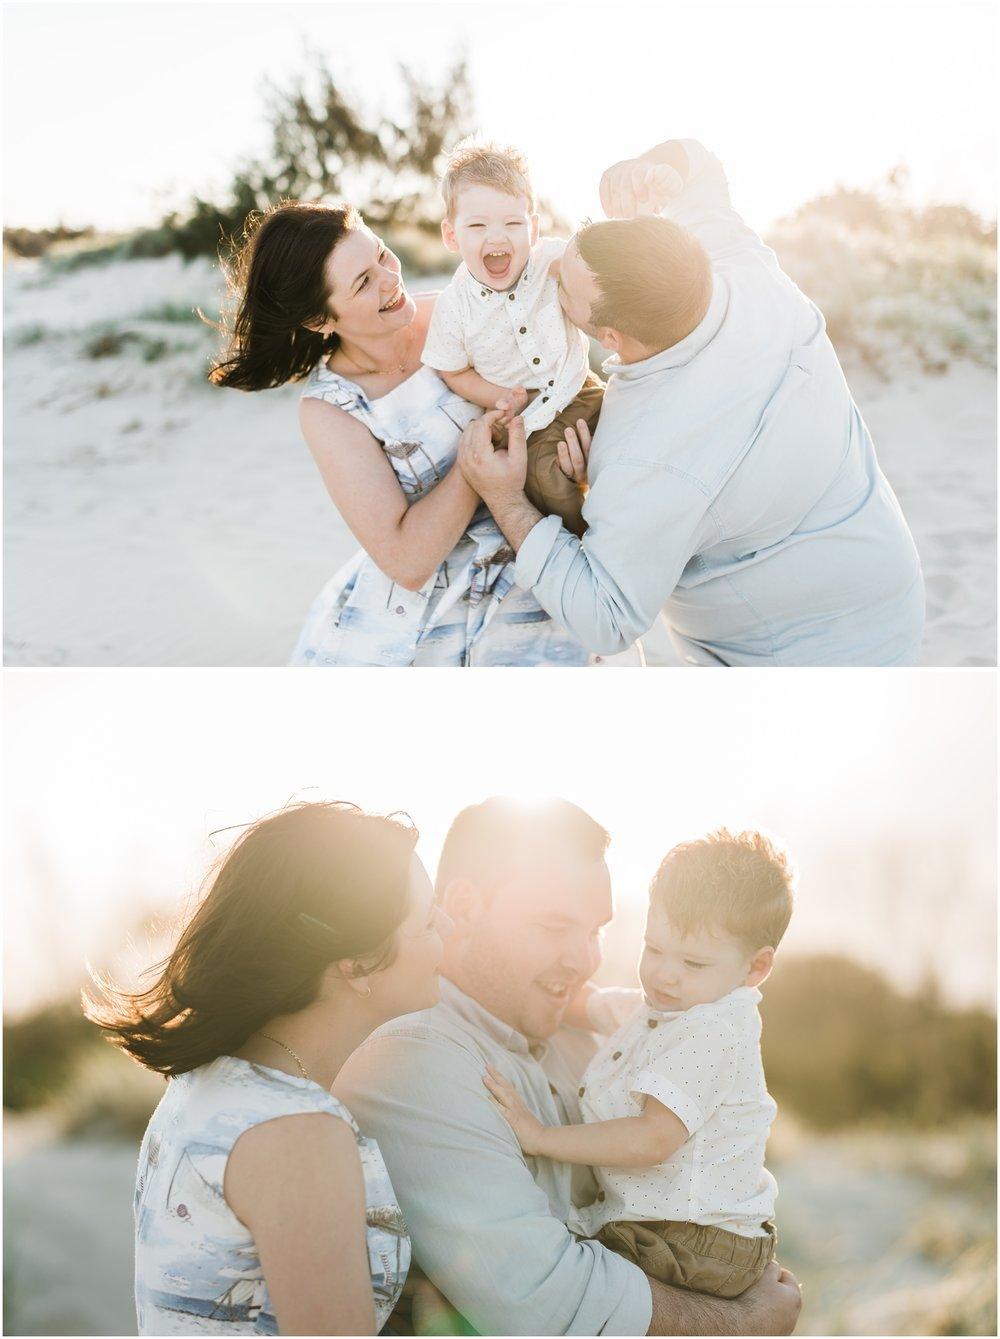 gold-coast-beach-family-photography37.jpg